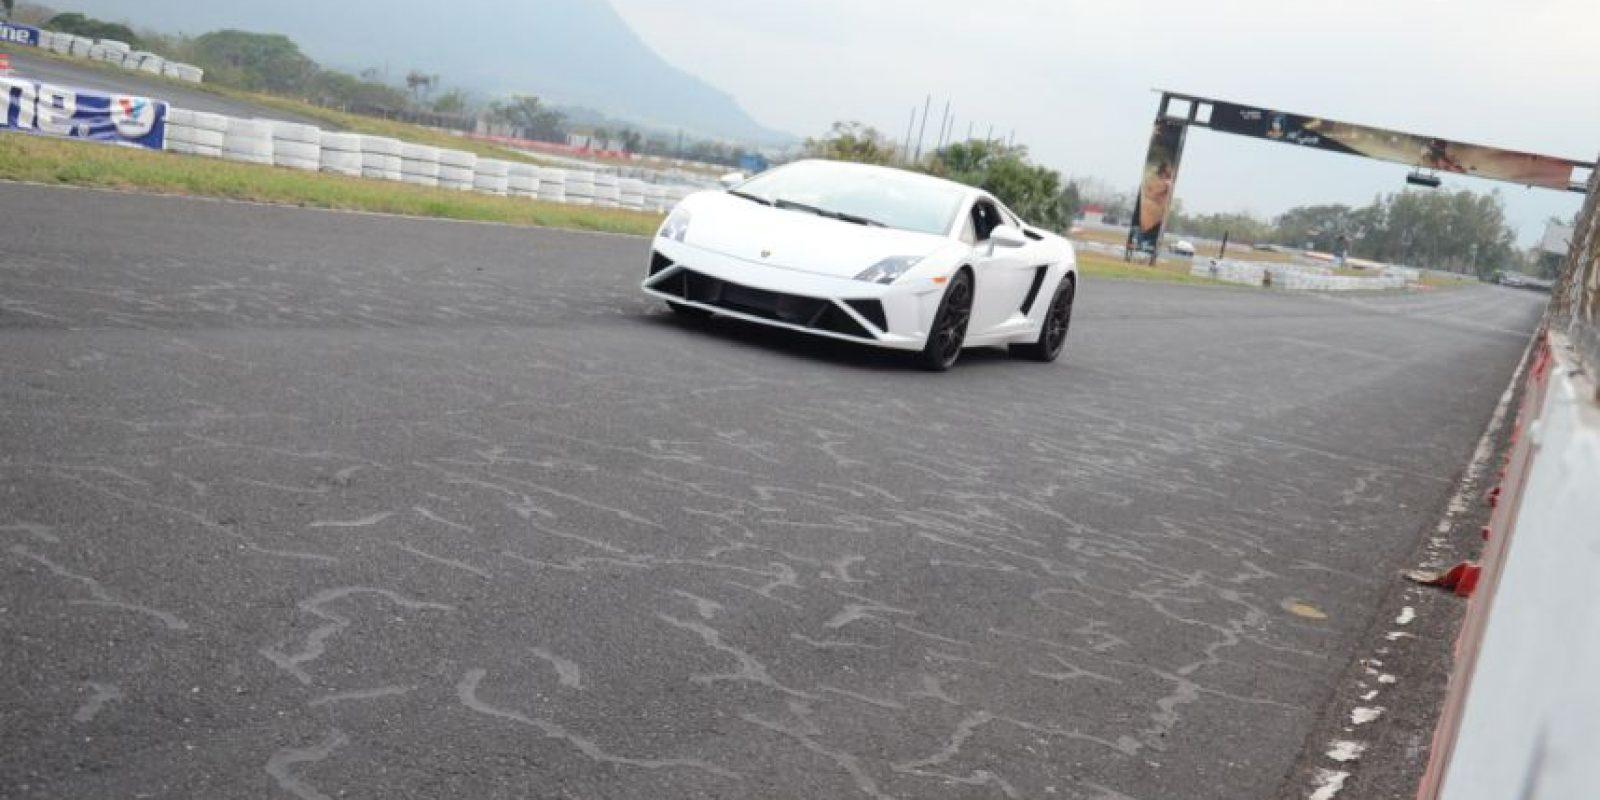 Lamborghini LP 560 Gallardo (0-100 km/h en 3.2 segundos) Foto:Luis Carlos Nájera